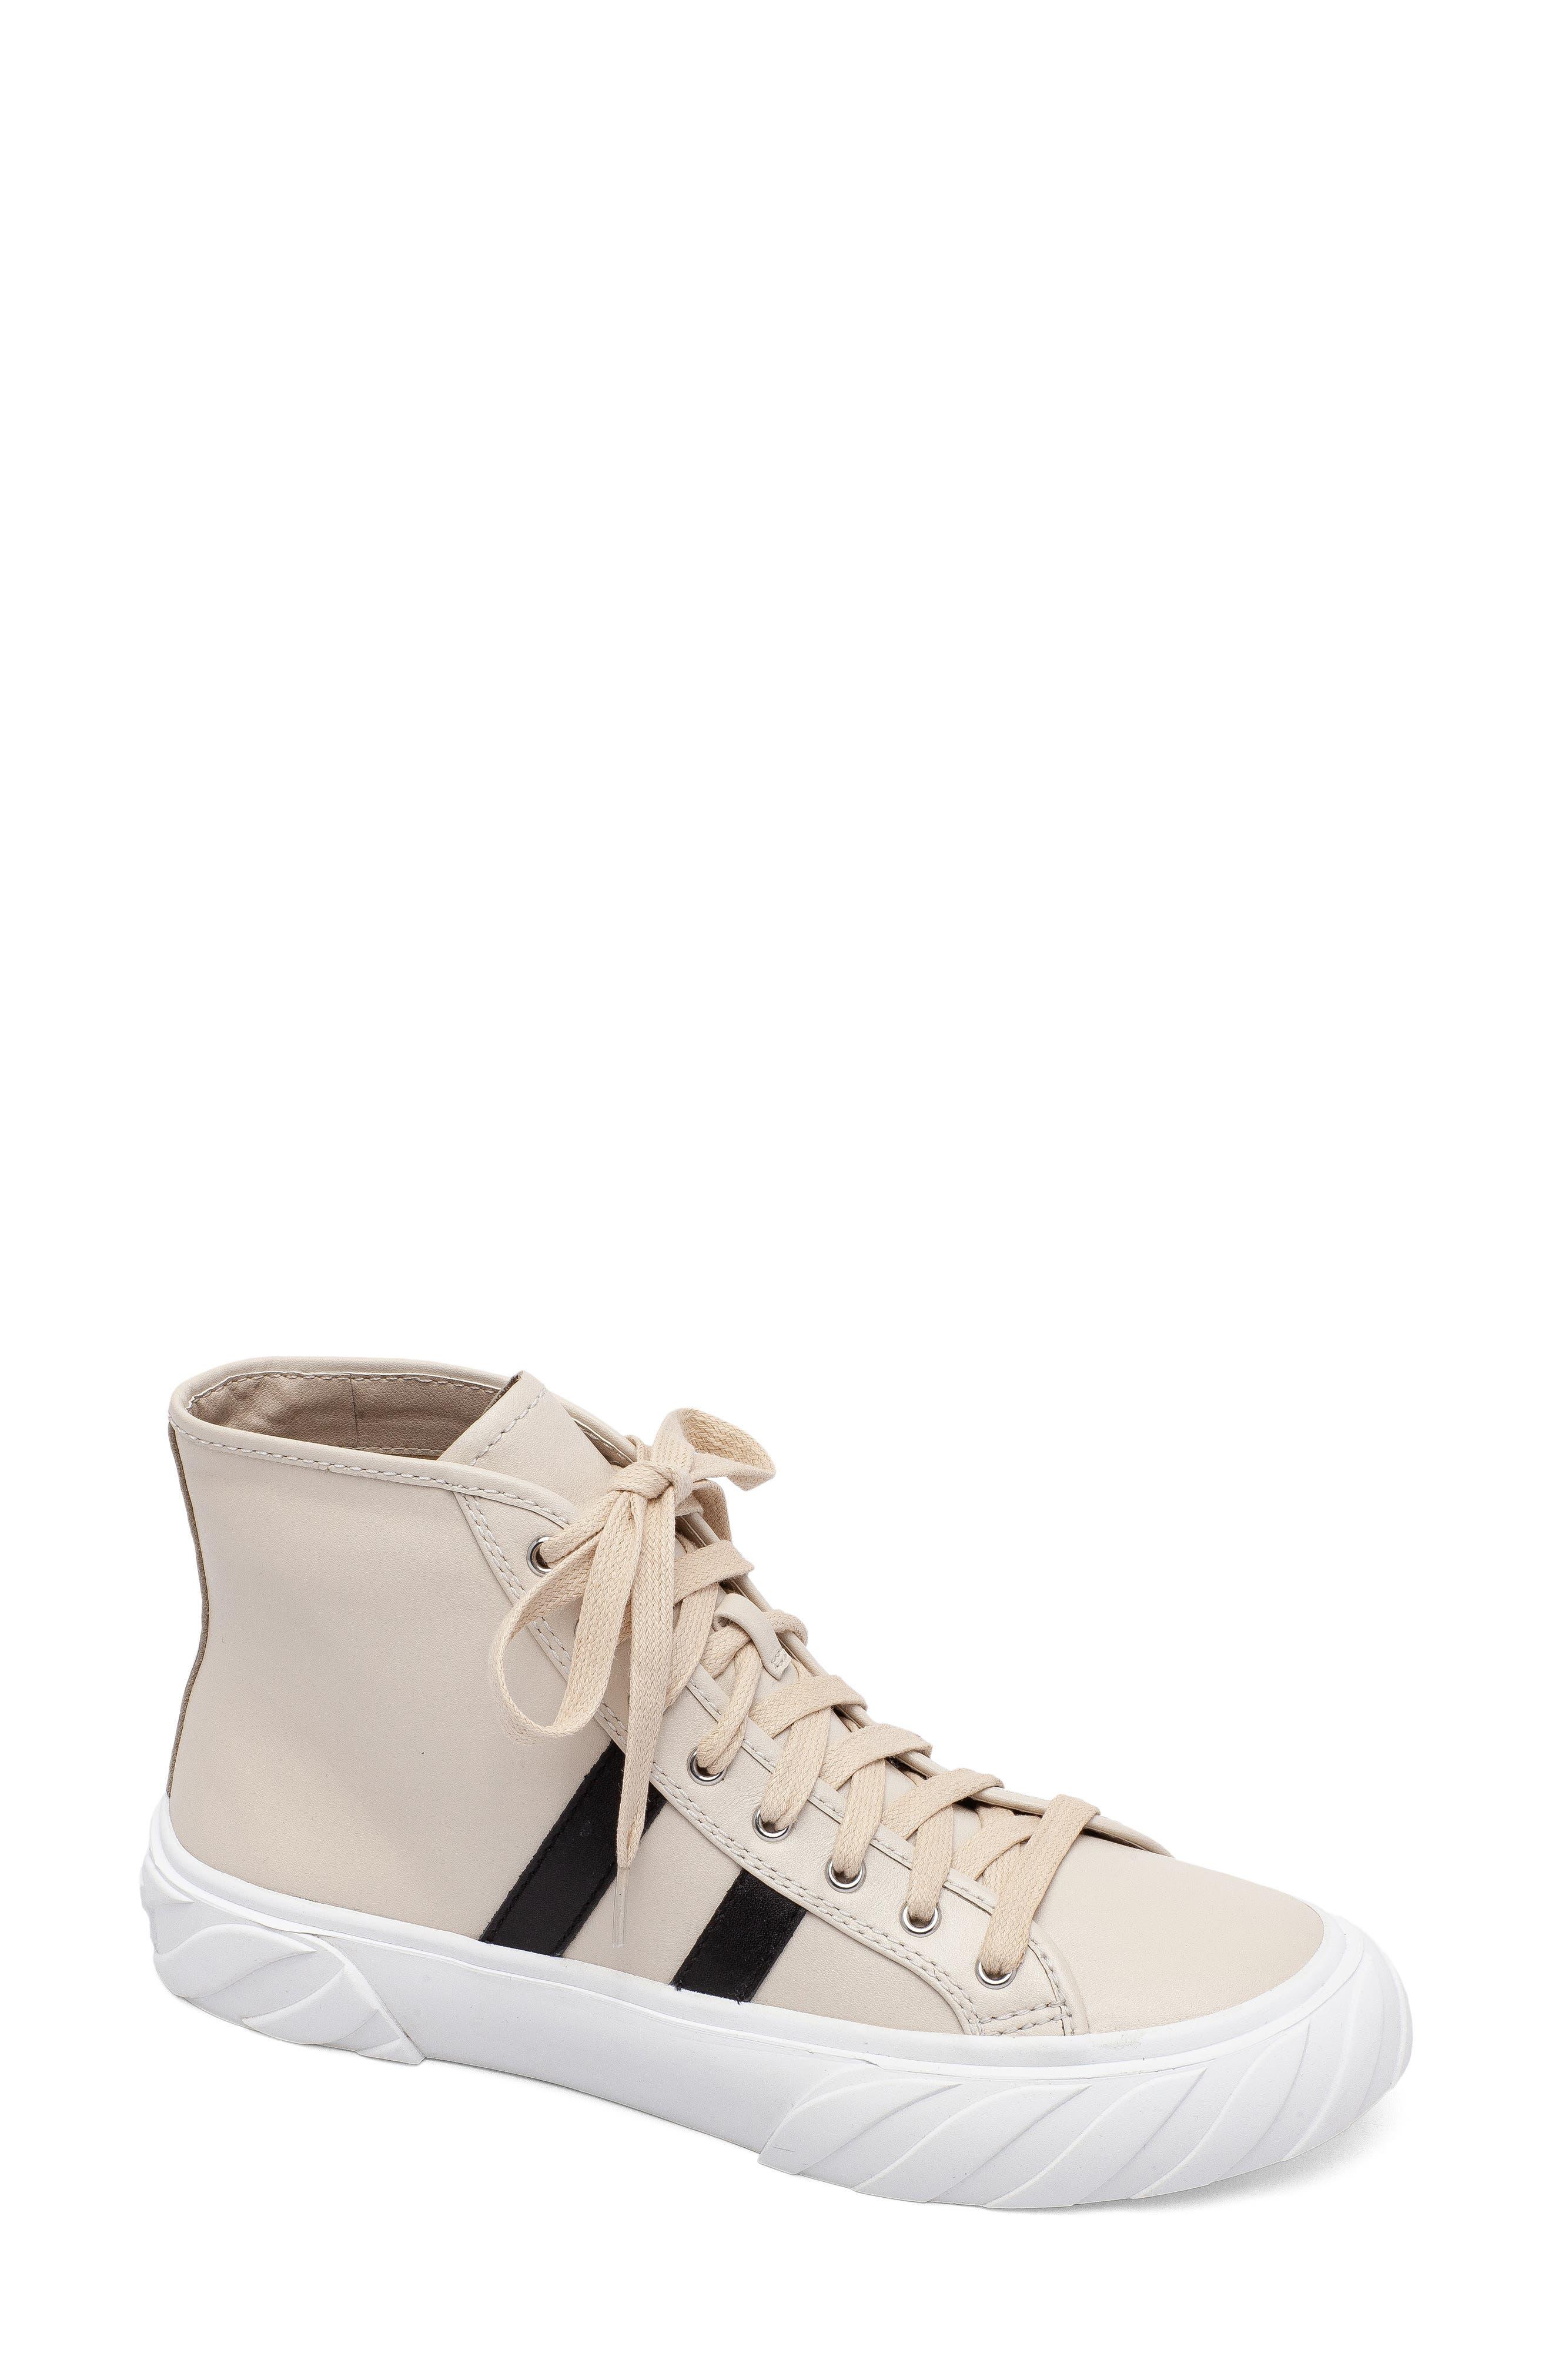 Getaway High Top Sneaker